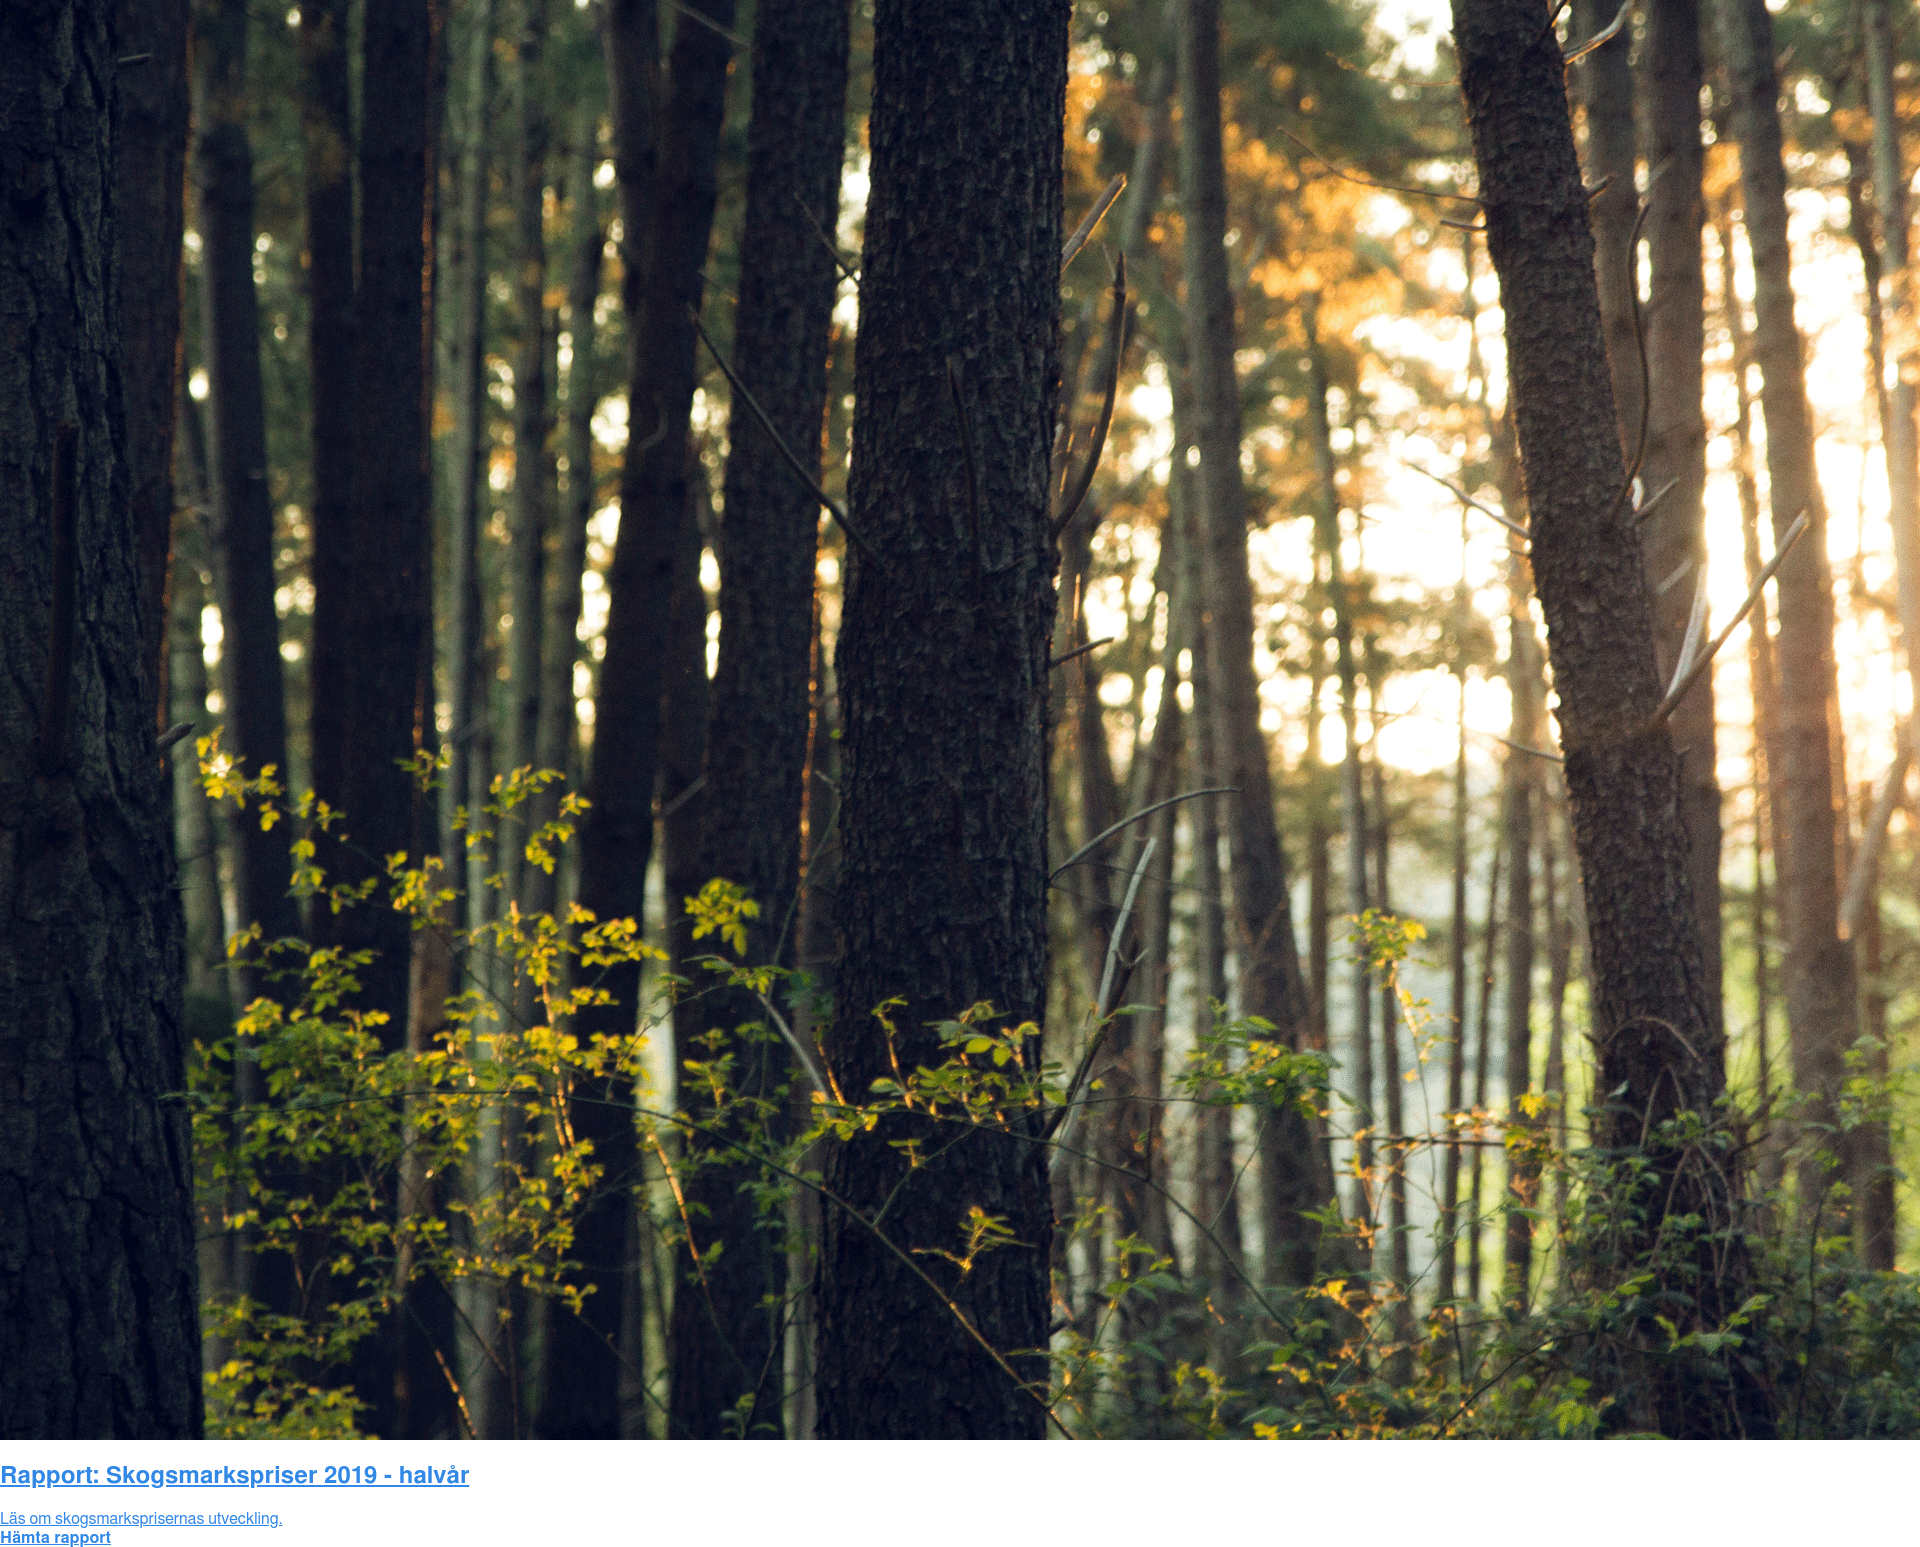 Rapport: Skogsmarkspriser 2019 - halvår  Läs om skogsmarksprisernas utveckling. Hämta rapport